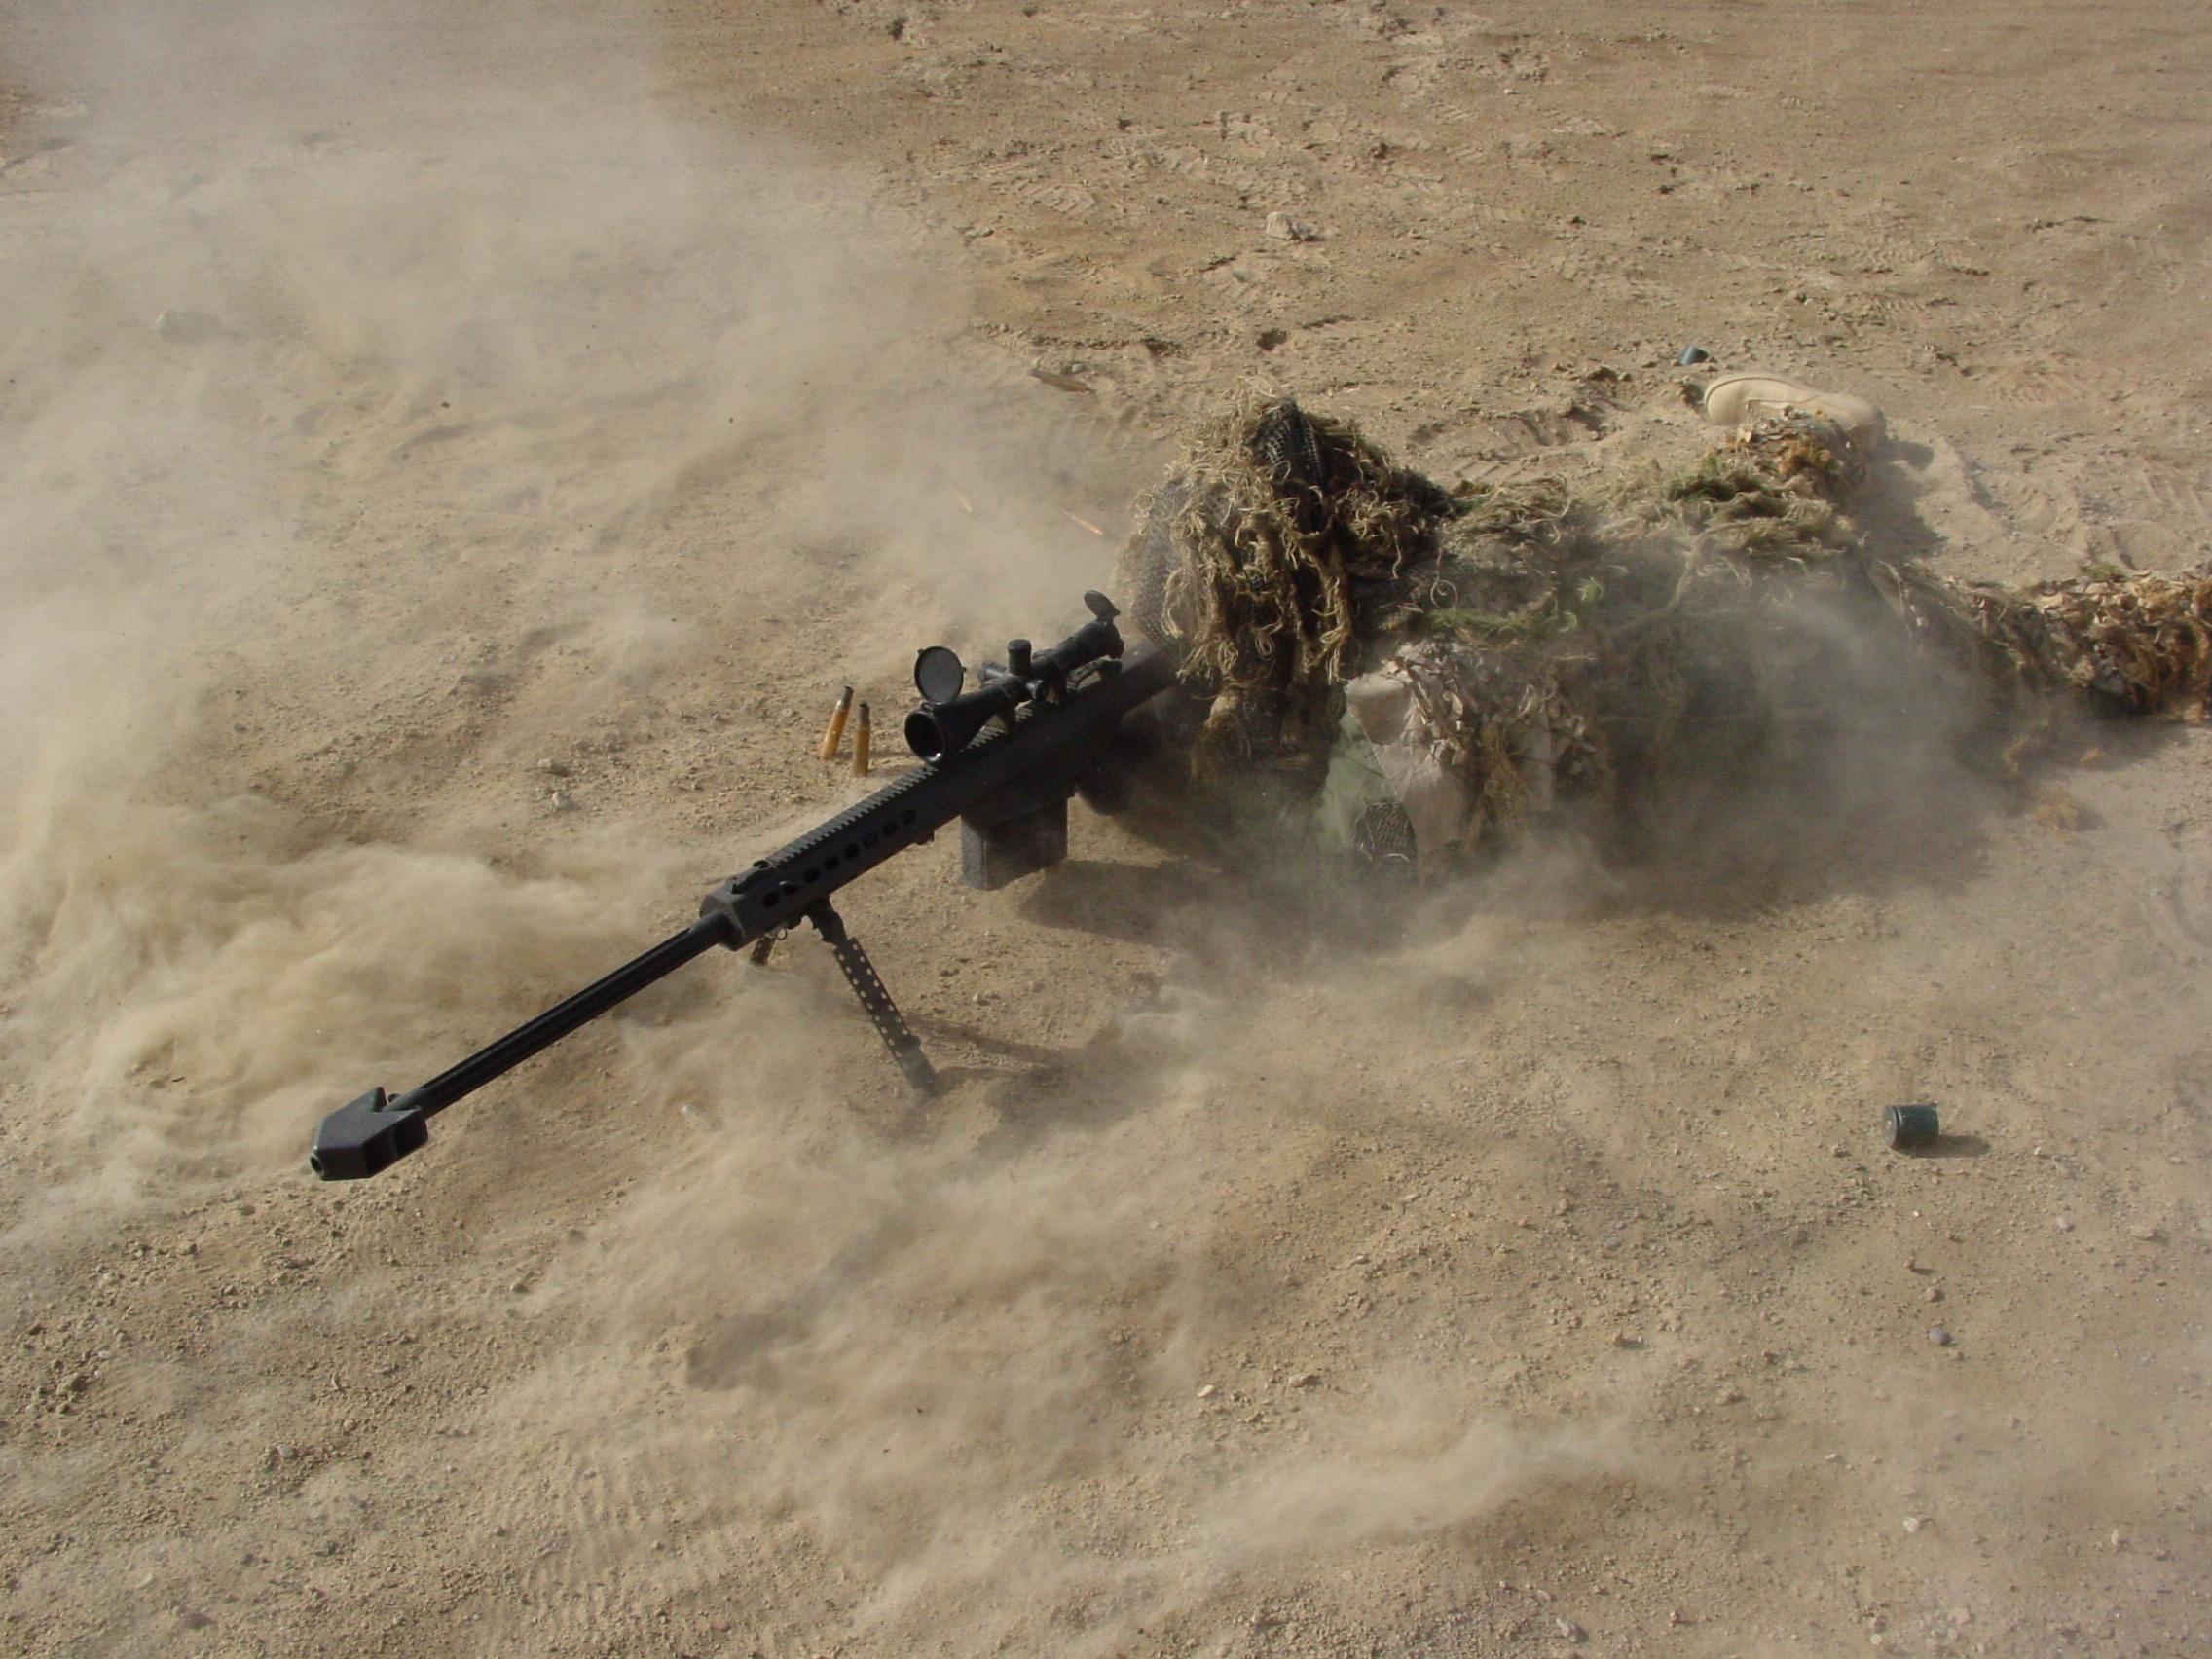 10233_soldiers_sniper.jpg